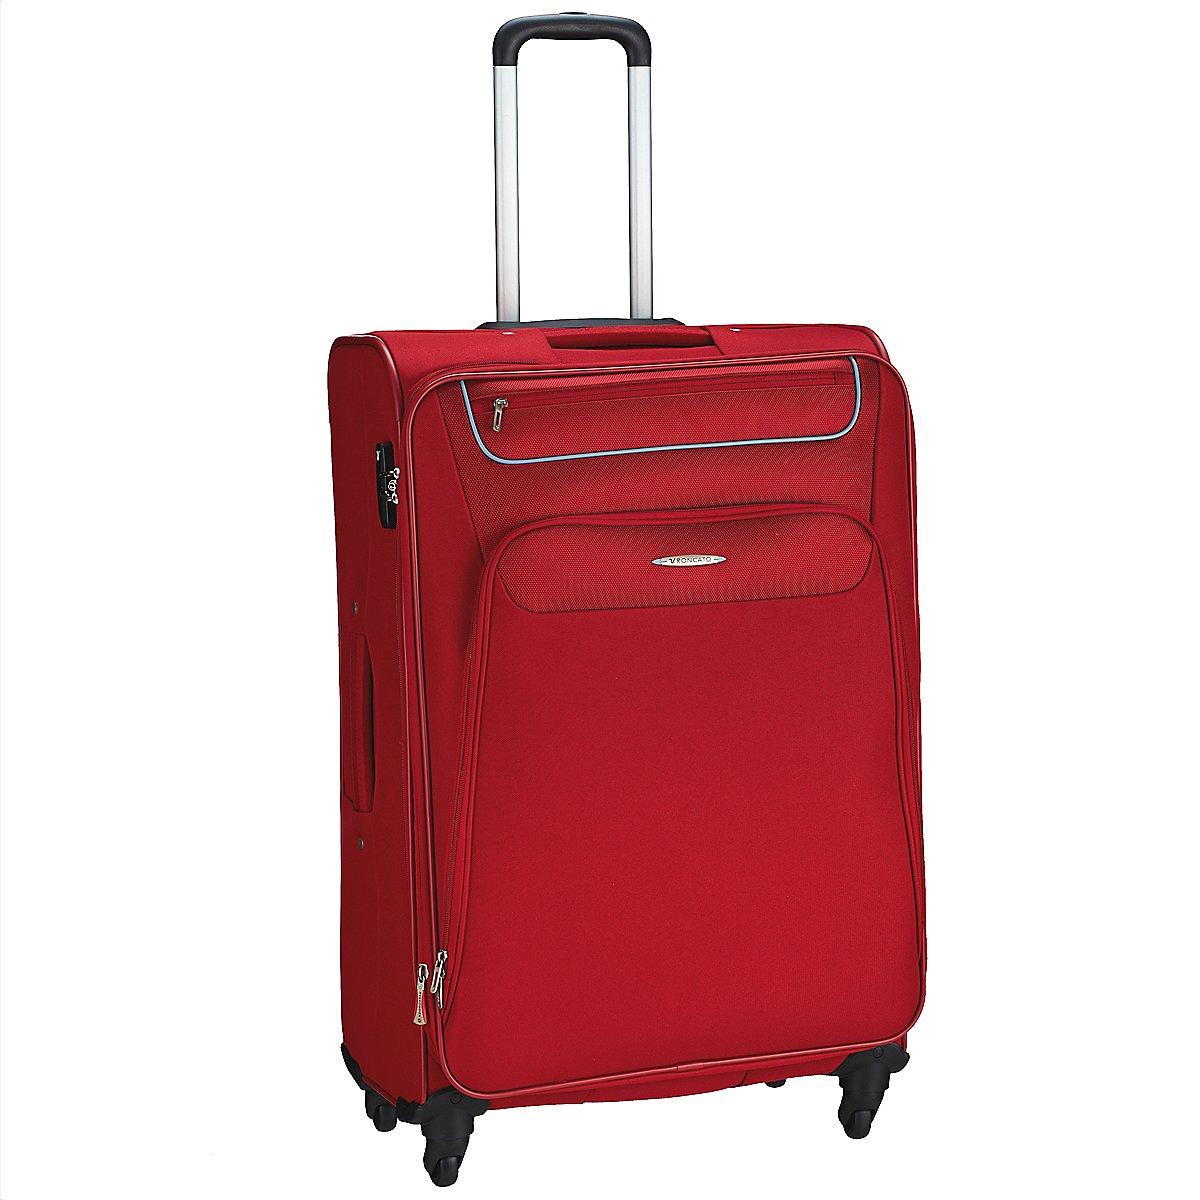 roncato runner 4 rollen trolley 77 cm koffer. Black Bedroom Furniture Sets. Home Design Ideas